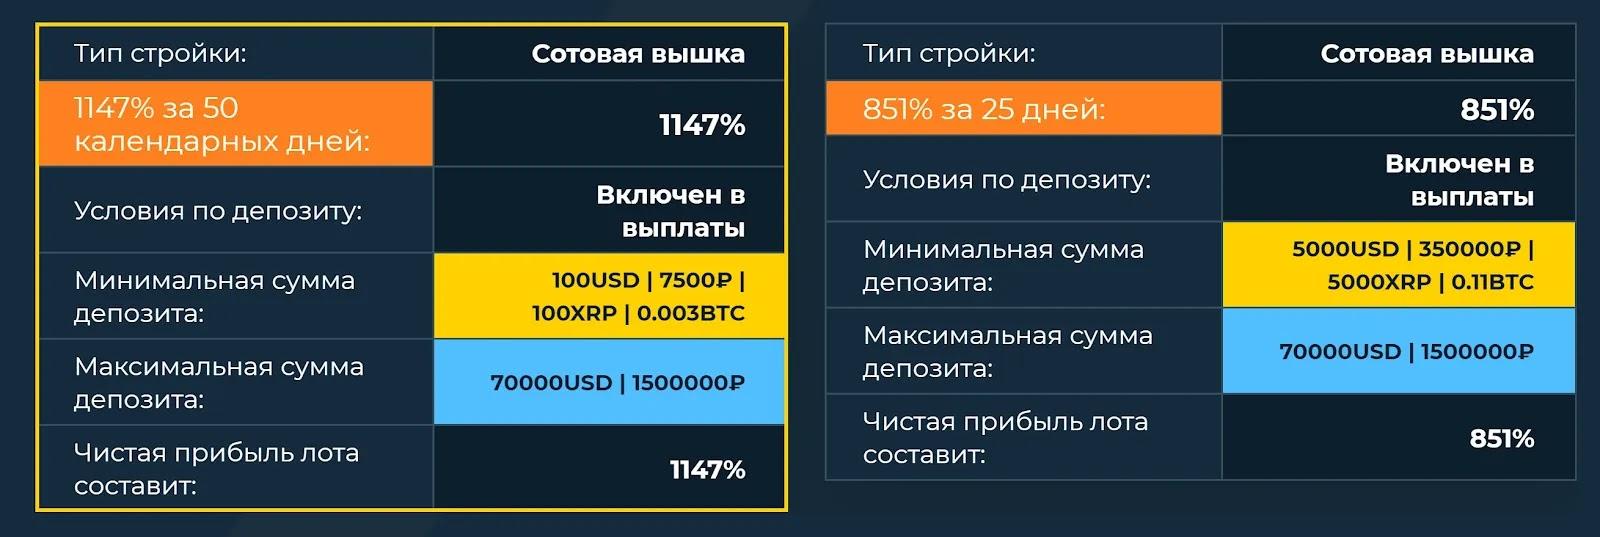 Инвестиционные планы НАЗВАНИЕ 4